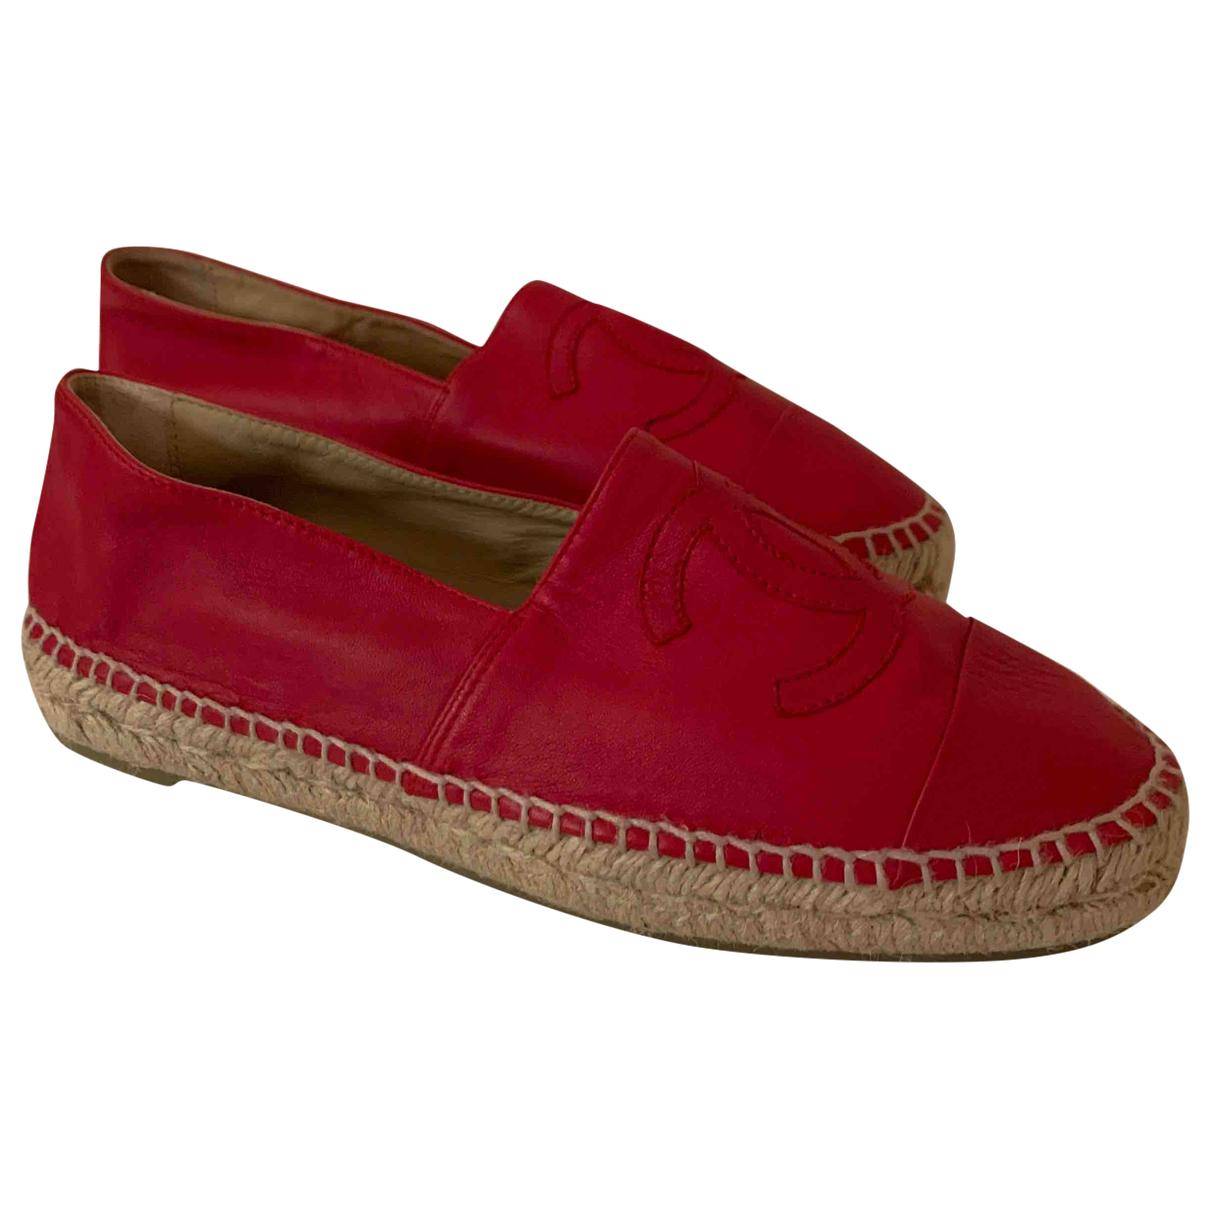 Chanel \N Espadrilles in  Rot Leder